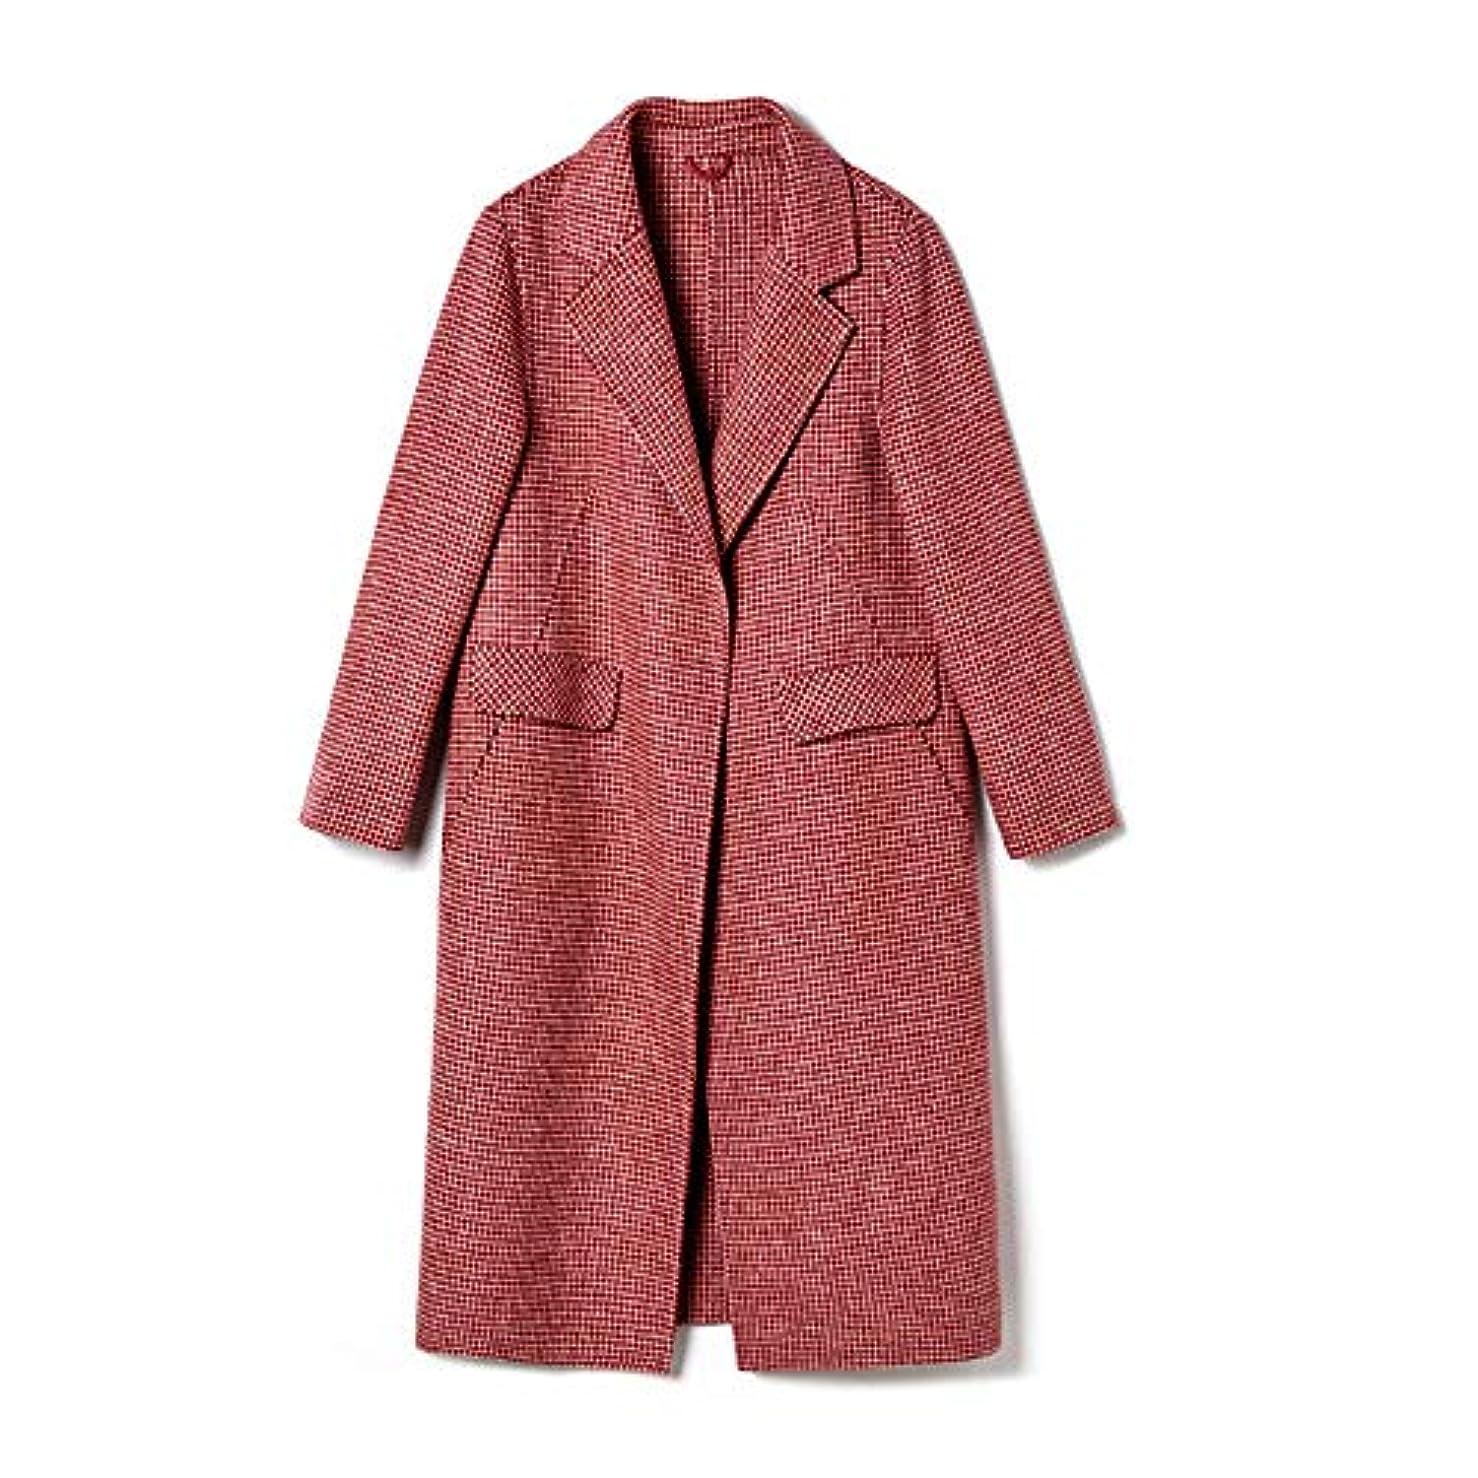 資格撤退圧縮された両面カシミヤのコート、長いセクションレディースコートレディースウインドブレーカージャケット女性の秋と冬人気のウールウールコート,M